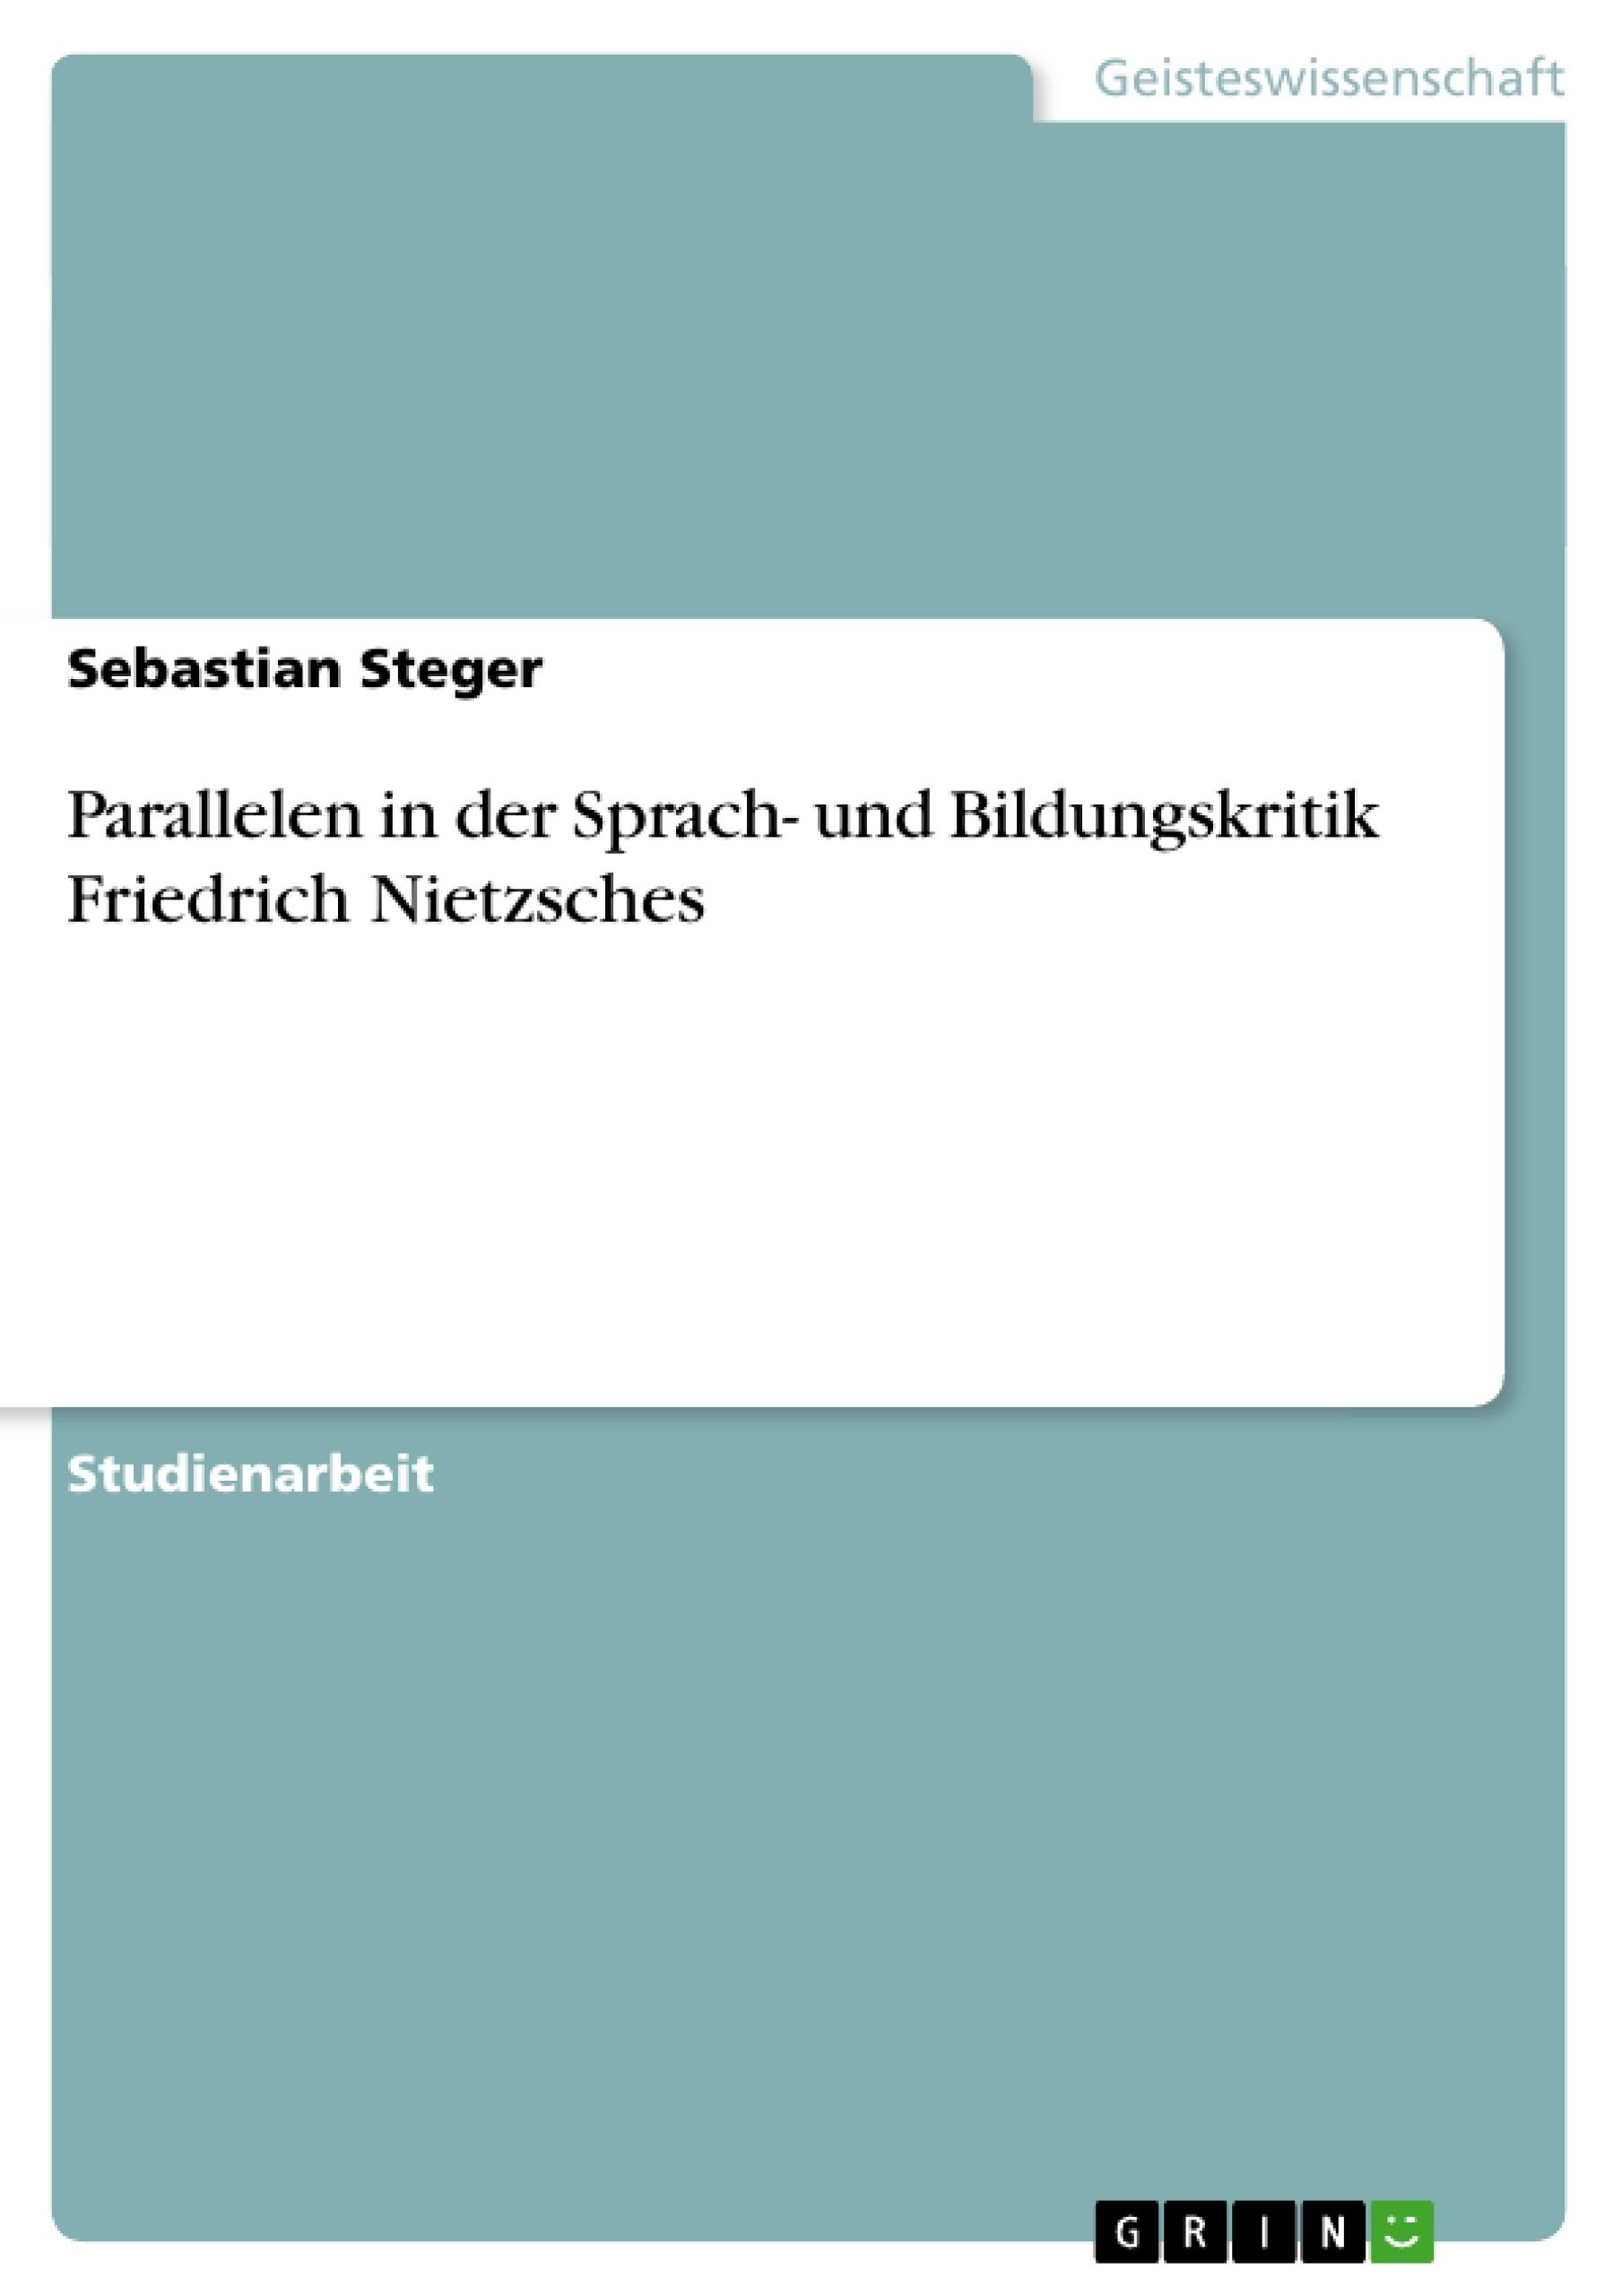 Titel: Parallelen in der Sprach- und Bildungskritik Friedrich Nietzsches